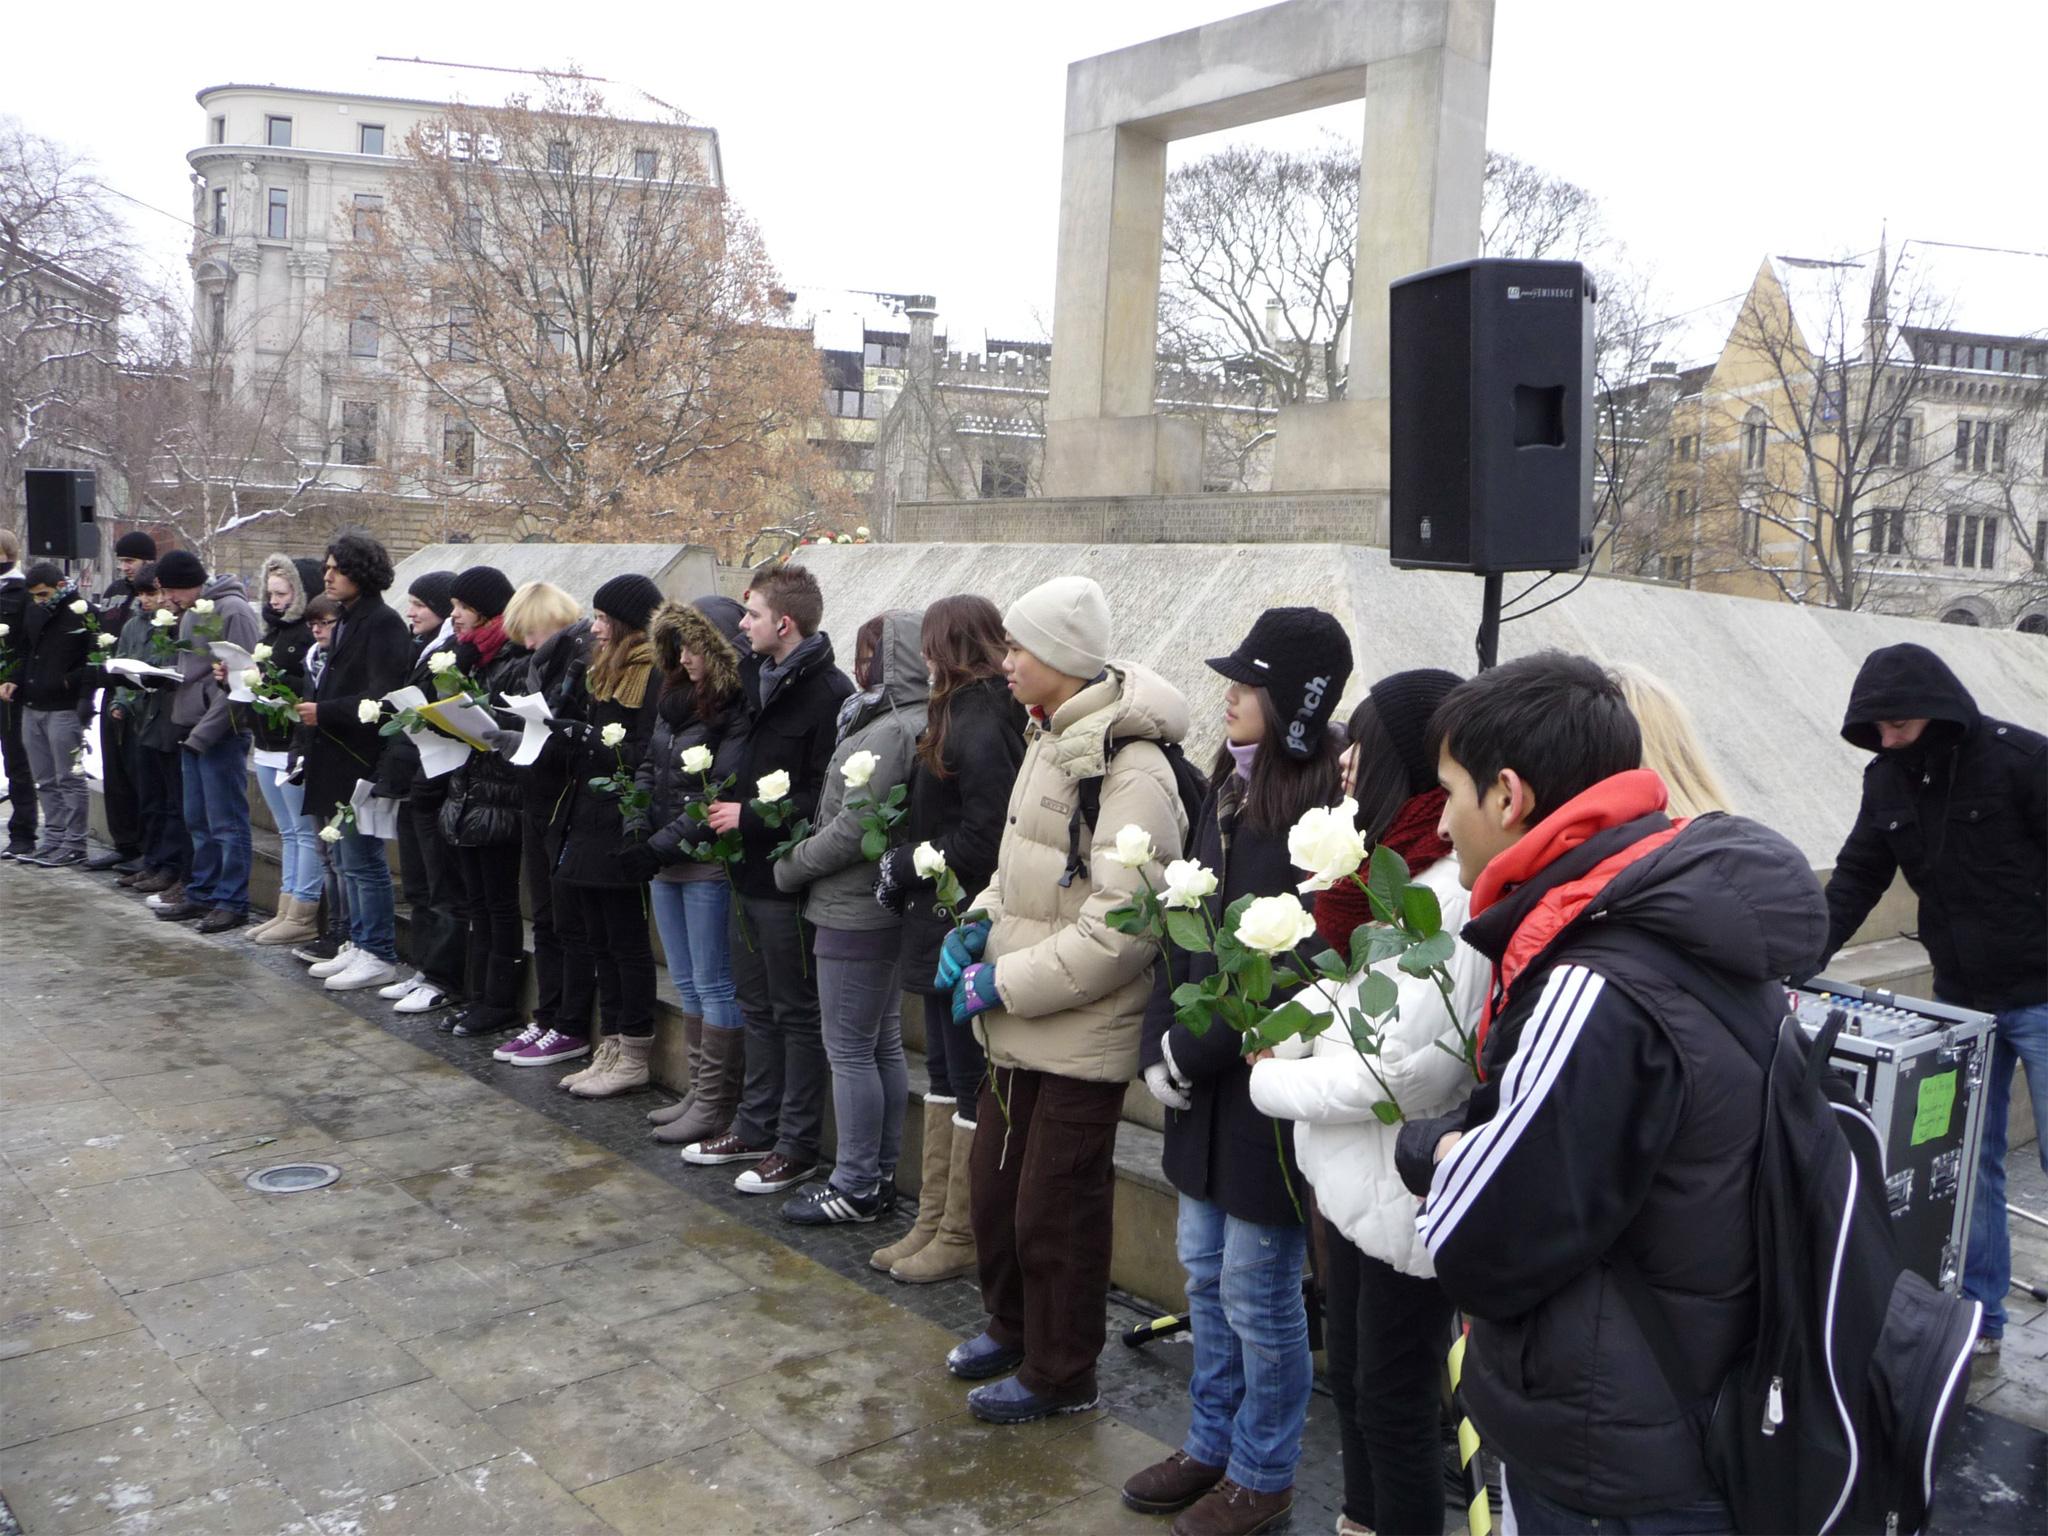 Schülerinnen und Schüler im Dezember 2010